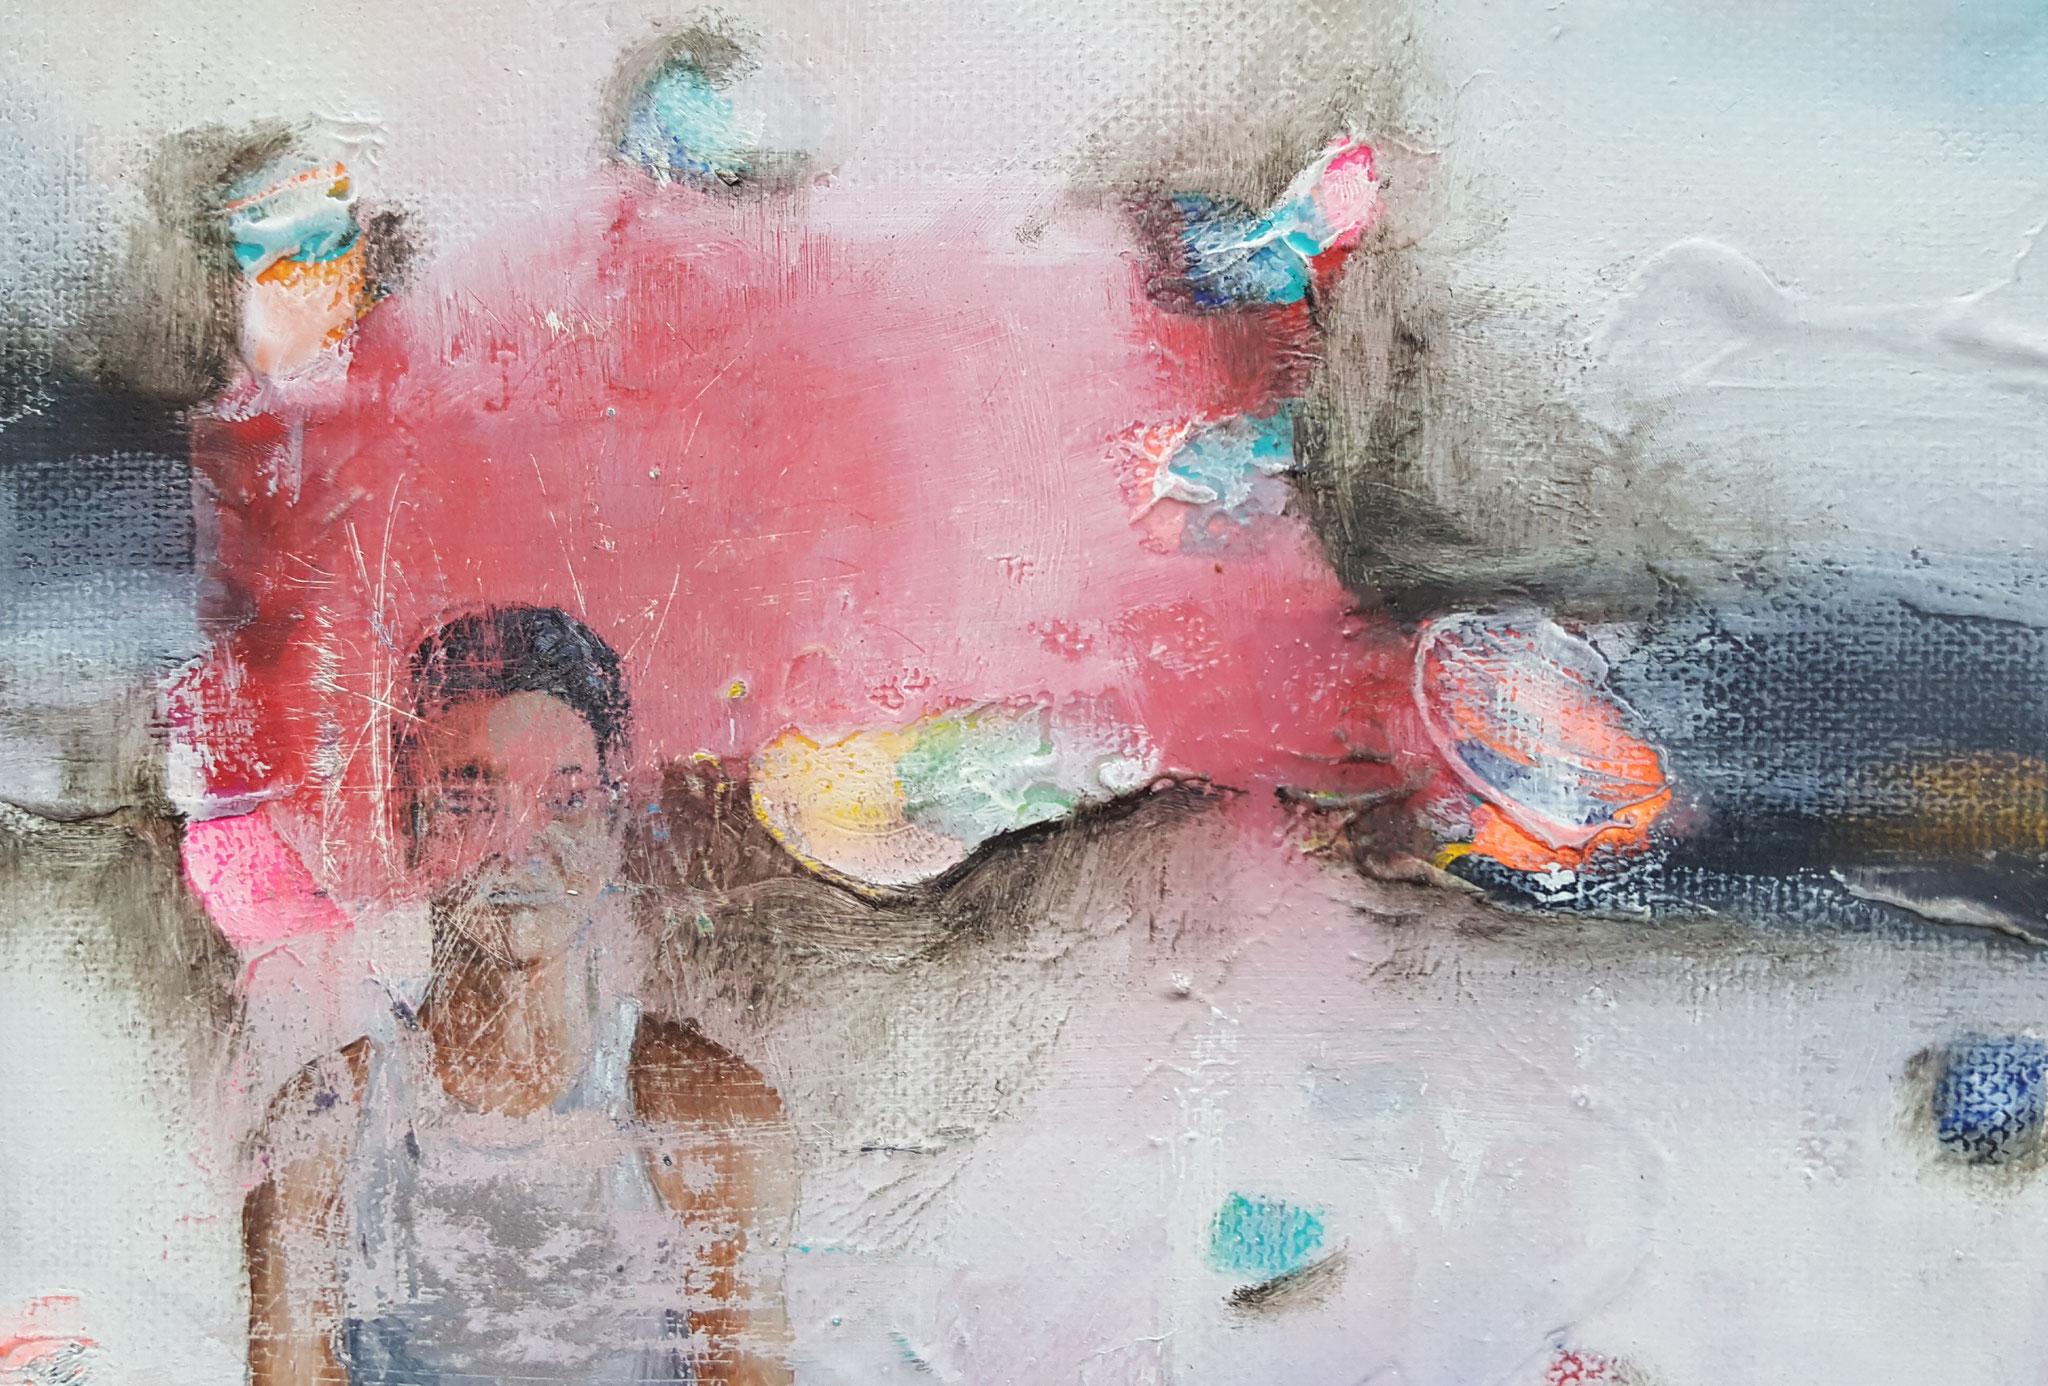 Des-aparecidos II, 2018, 18 x 13 cm, Técnica mixta sobre lienzo